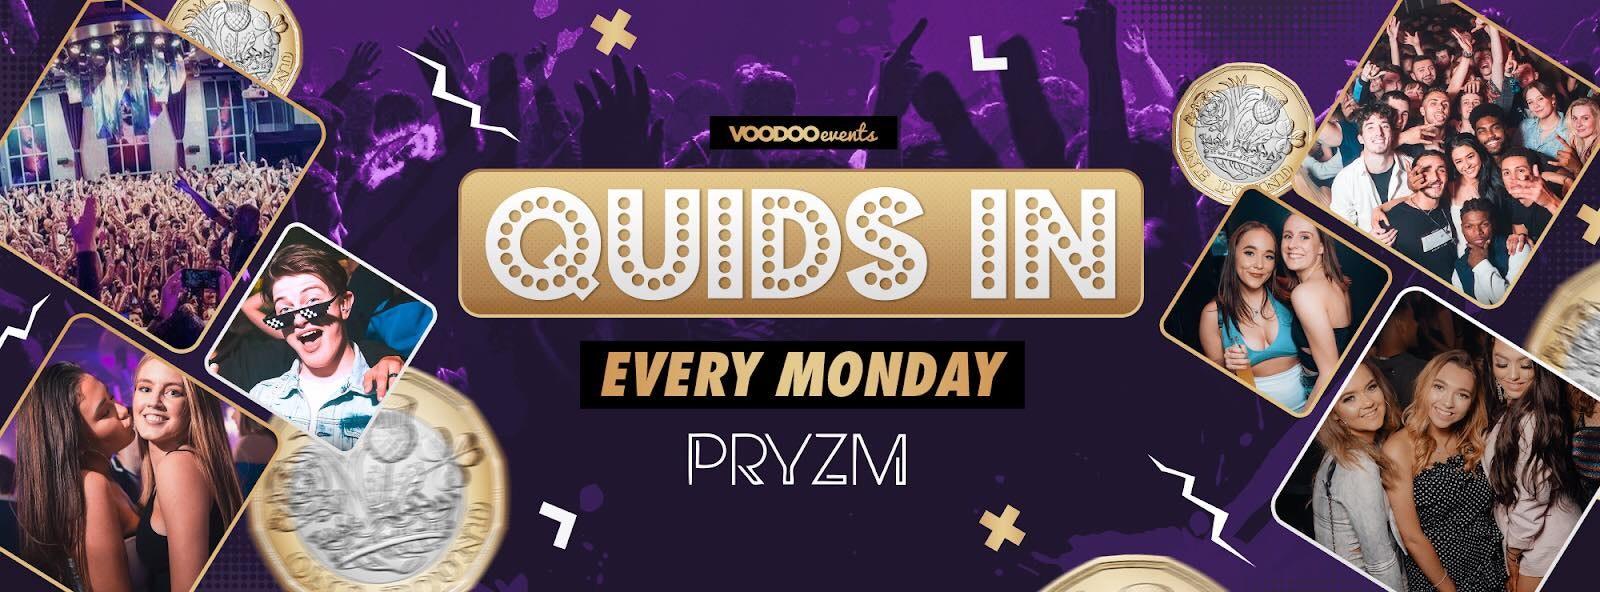 Quids In Mondays at PRYZM